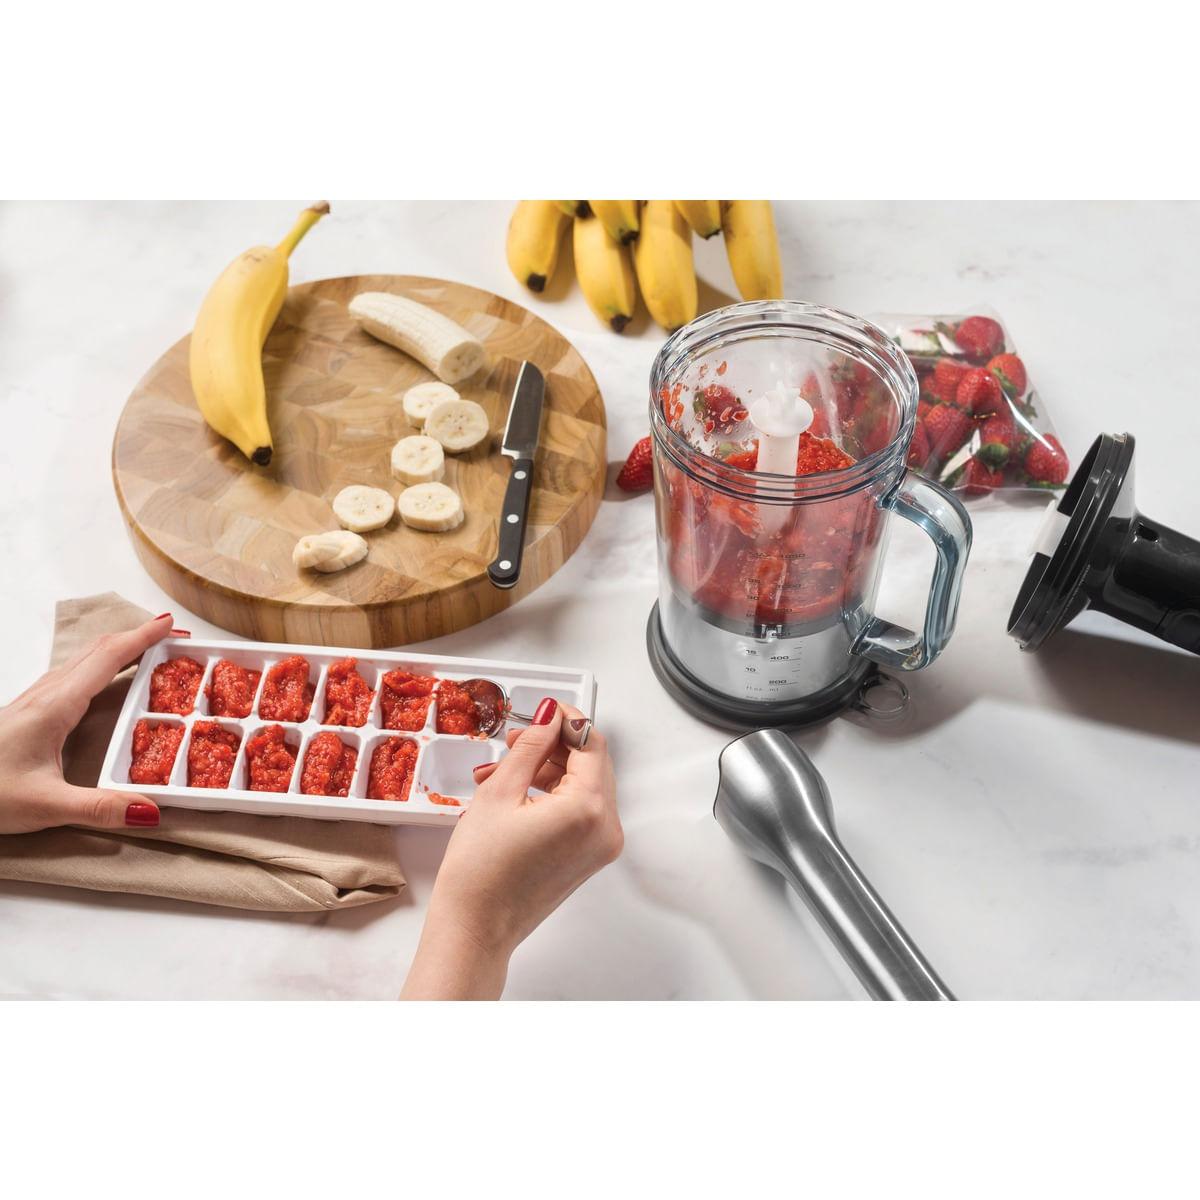 Soft Mixer Tramontina by Breville em Aço Inox com Copo 15 Velocidades